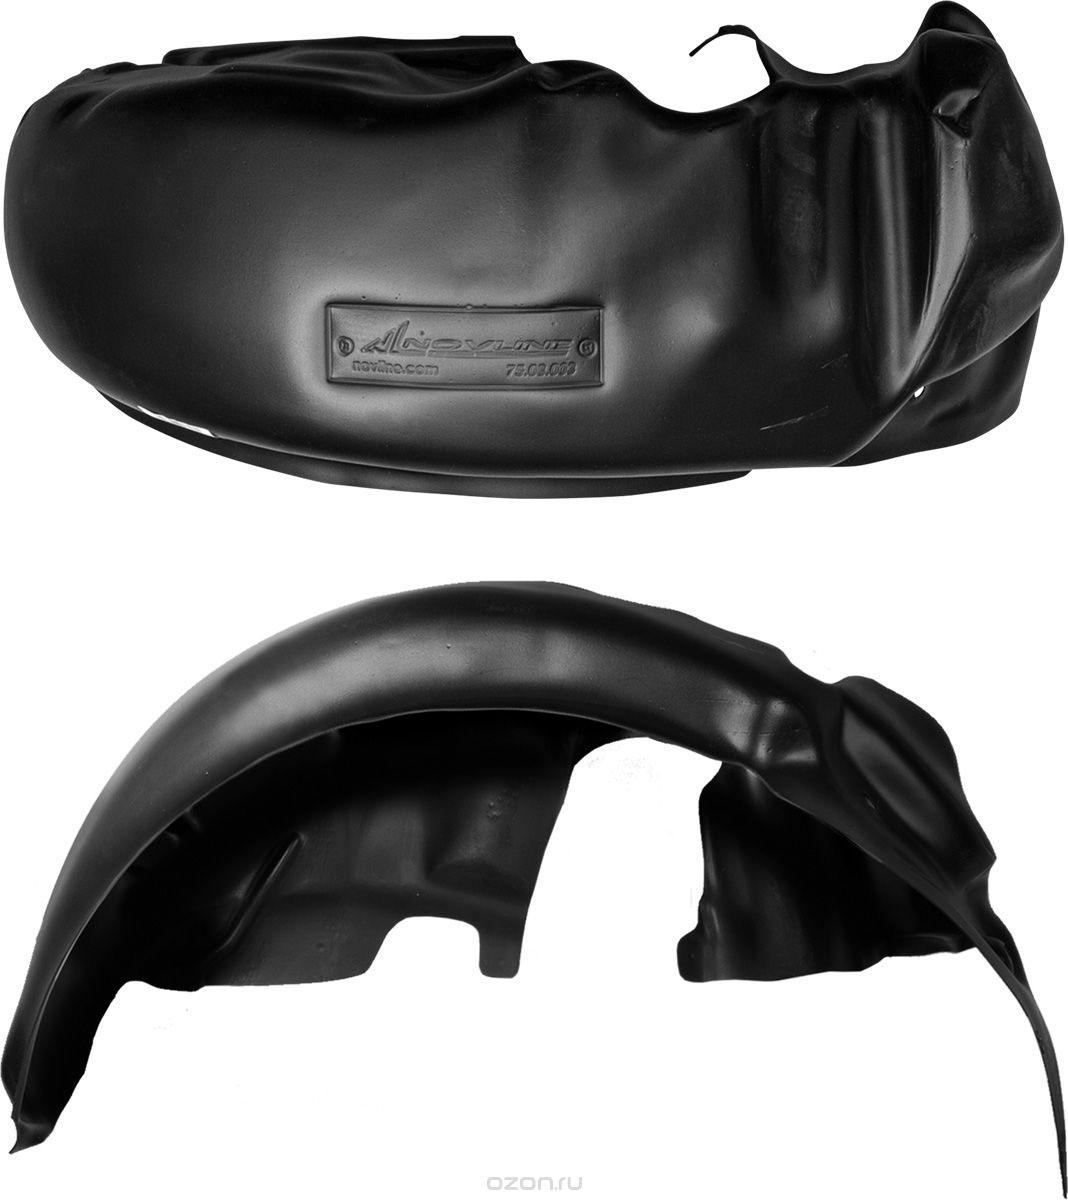 Подкрылок Novline-Autofamily, для CITROEN Jumper 2006-> с расширителями арок, передний правыйNLL.10.18.002Идеальная защита колесной ниши. Локеры разработаны с применением цифровых технологий, гарантируют максимальную повторяемость поверхности арки. Изделия устанавливаются без нарушения лакокрасочного покрытия автомобиля, каждый подкрылок комплектуется крепежом. Уважаемые клиенты, обращаем ваше внимание, что фотографии на подкрылки универсальные и не отражают реальную форму изделия. При этом само изделие идет точно под размер указанного автомобиля.